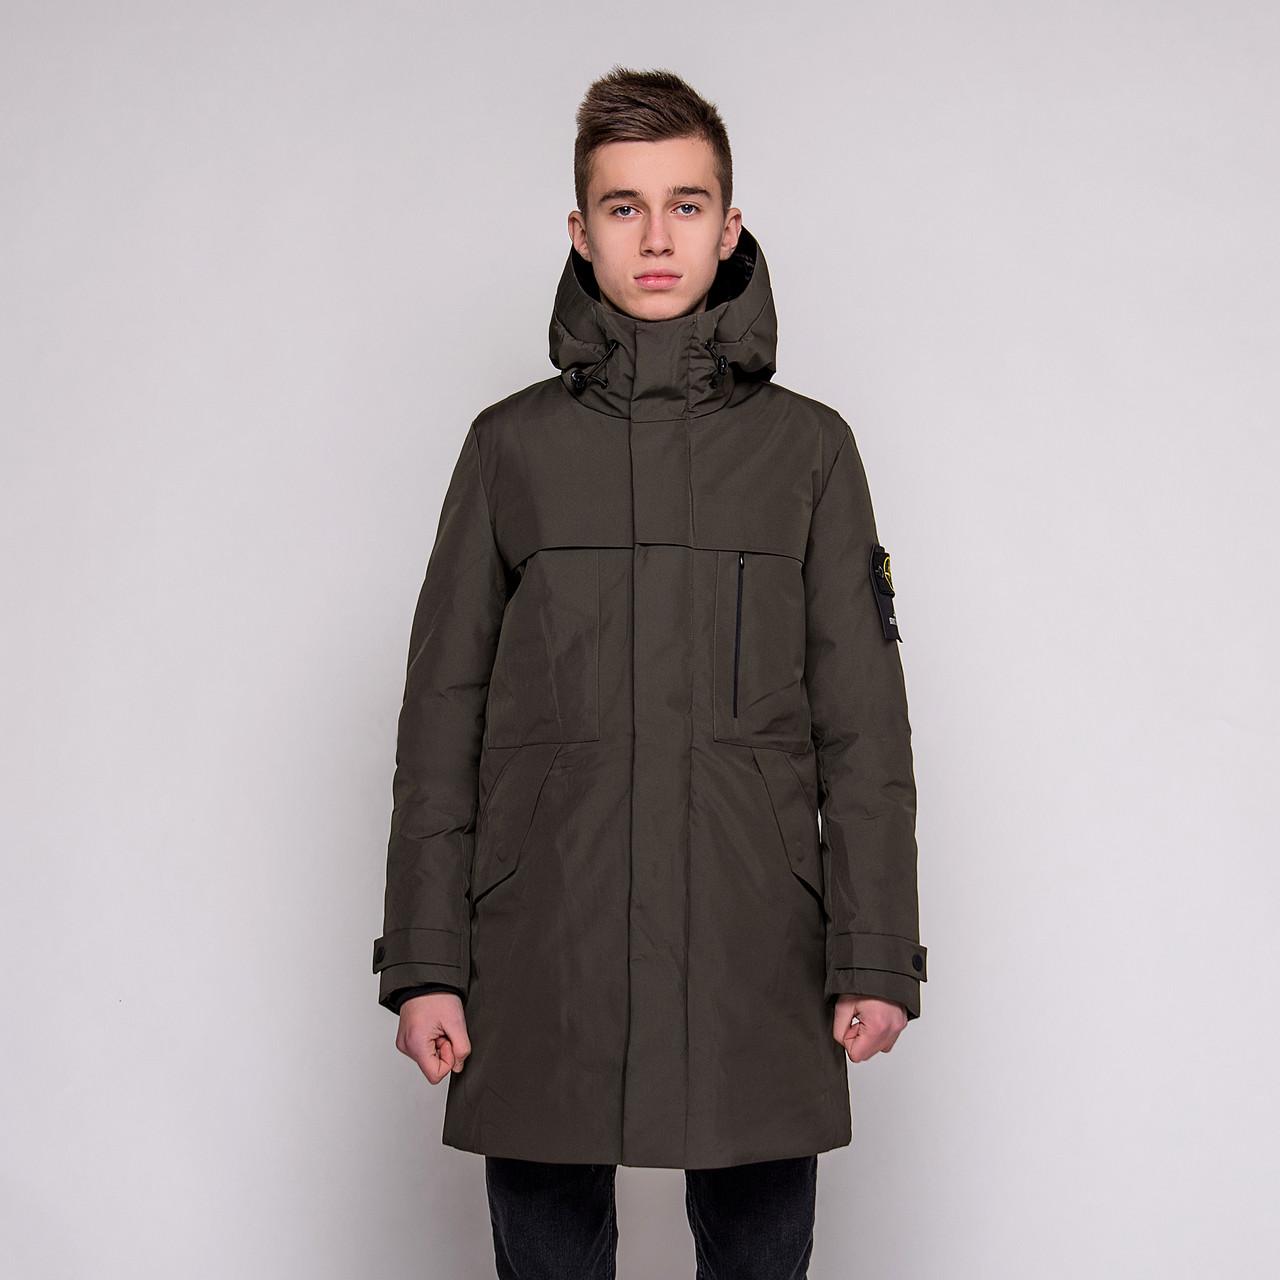 Чоловіча зимова куртка Stone Island, кавового кольору.